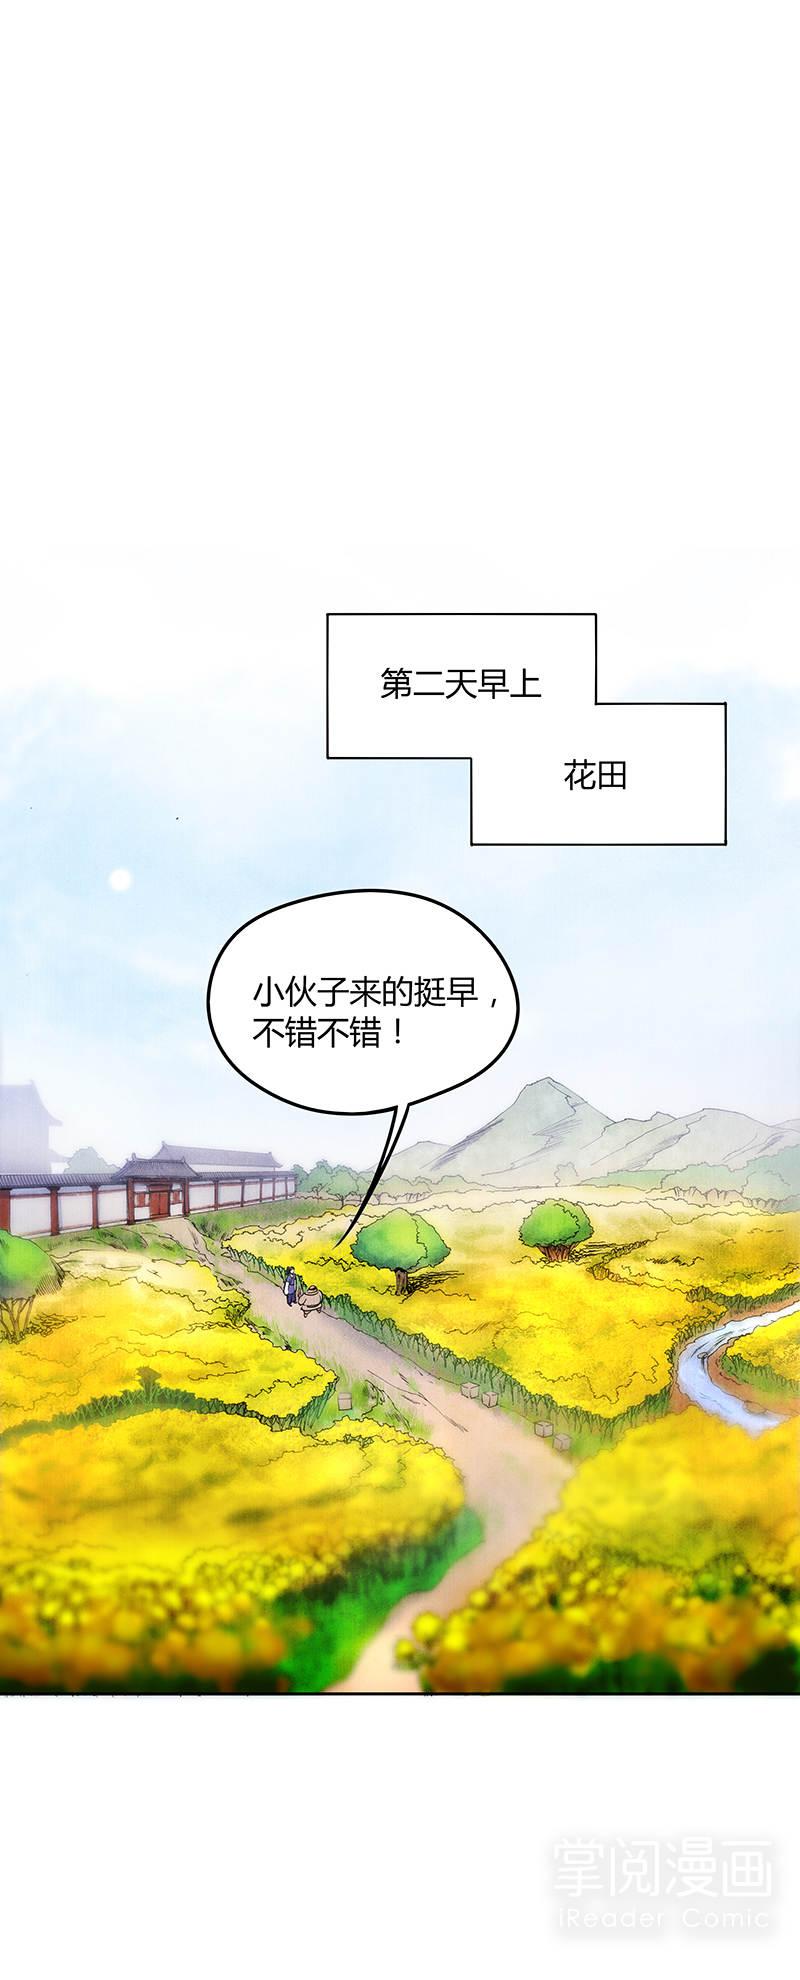 逍遥游第24话  屡战屡败终不悔 第 19